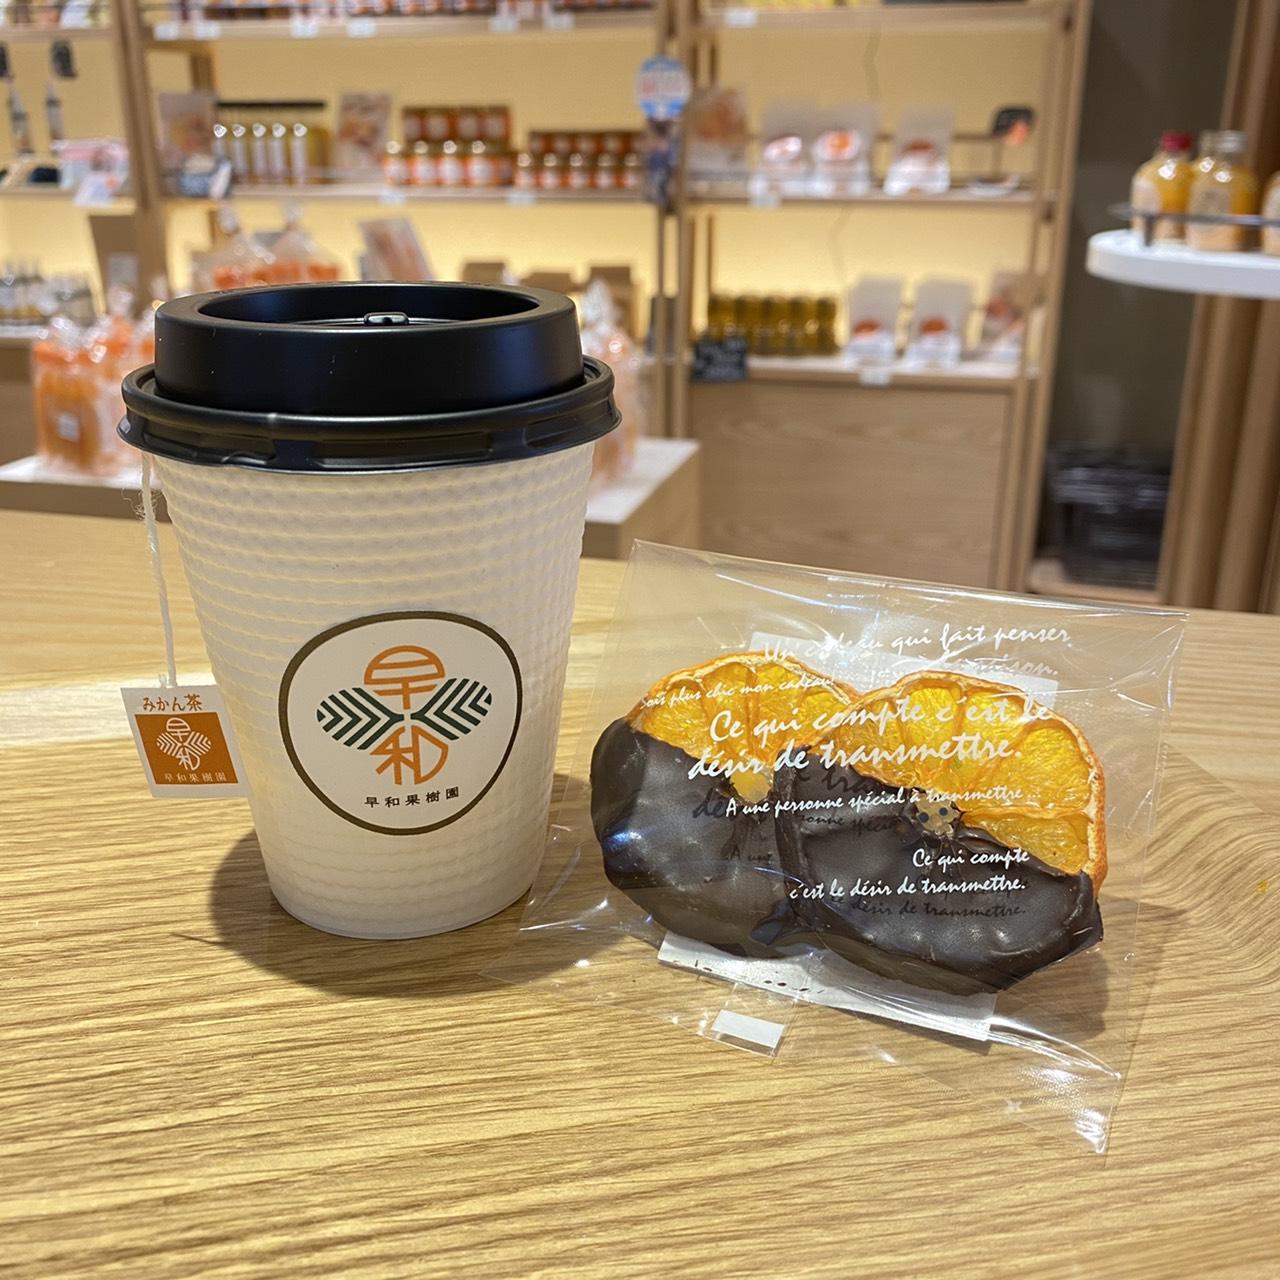 早和果樹園本社店のテイクアウトメニュー、みかん茶とチョコがけのセット